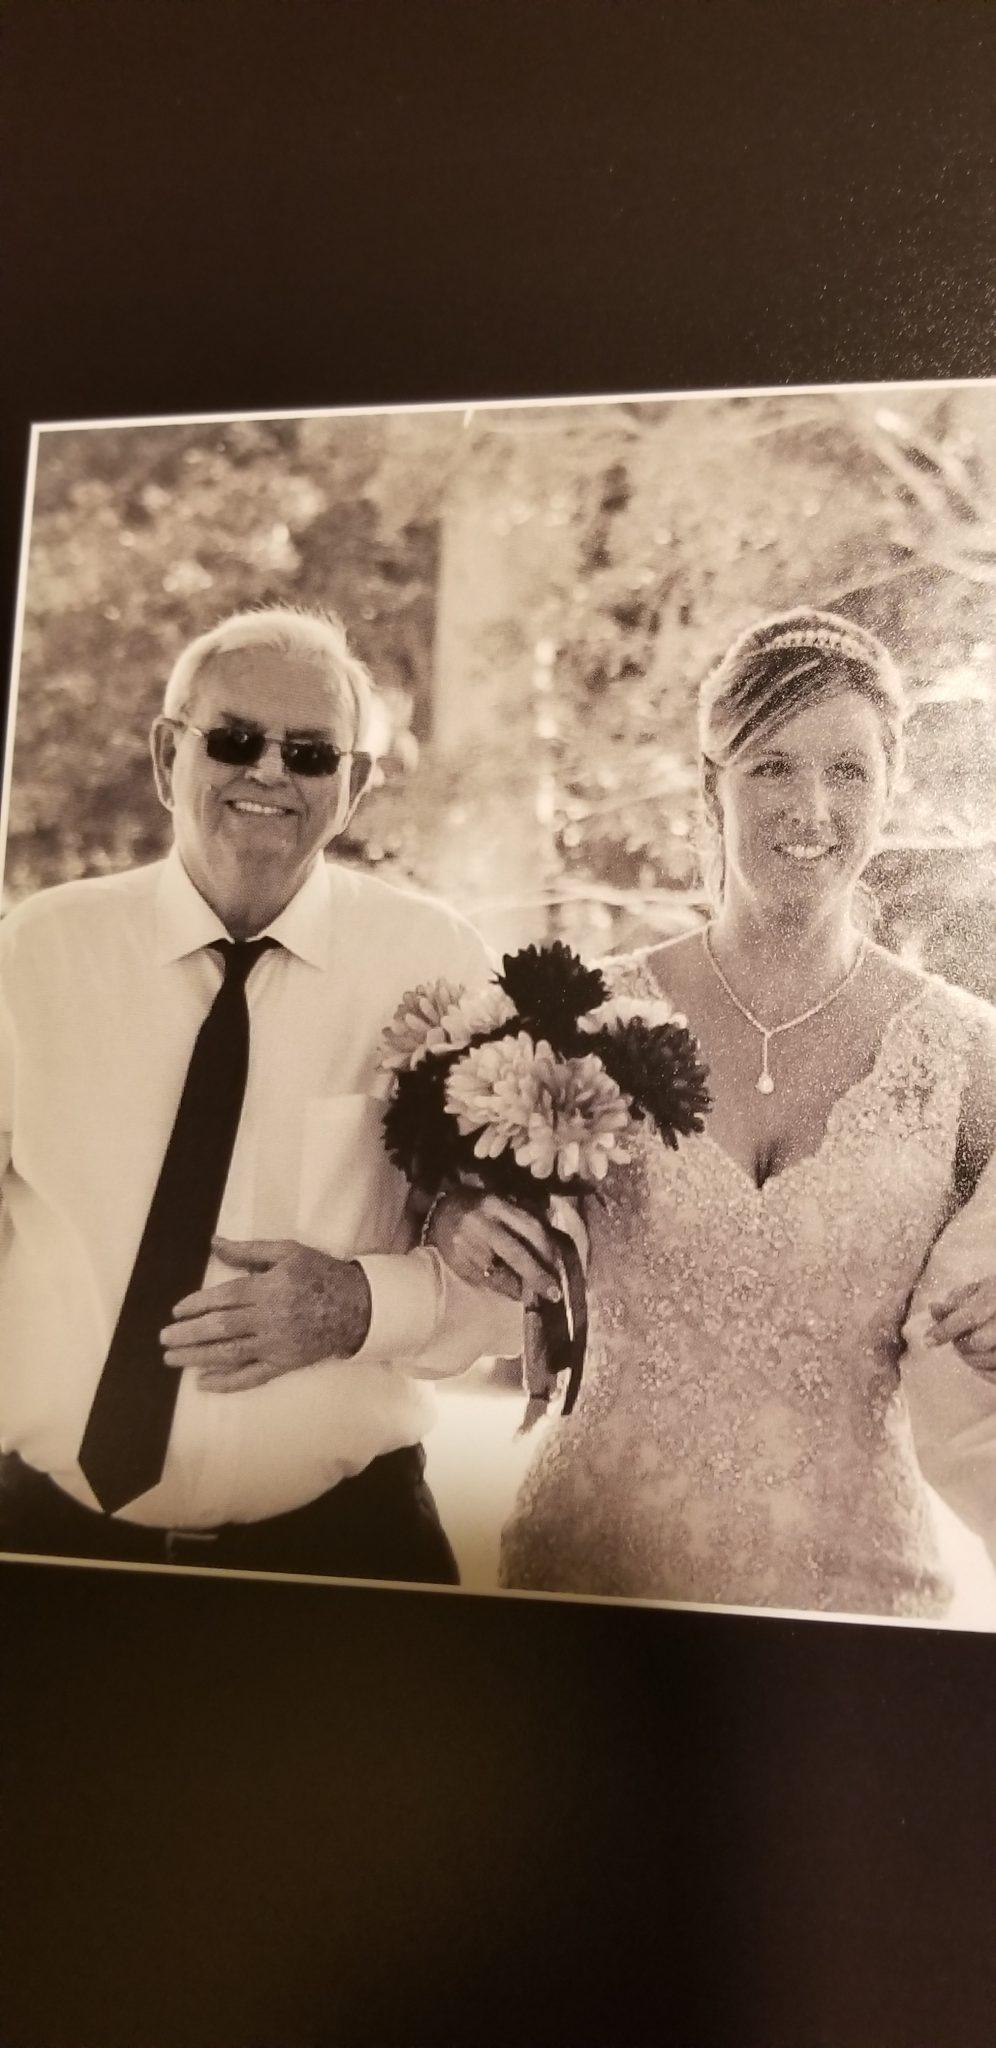 Dad at my wedding